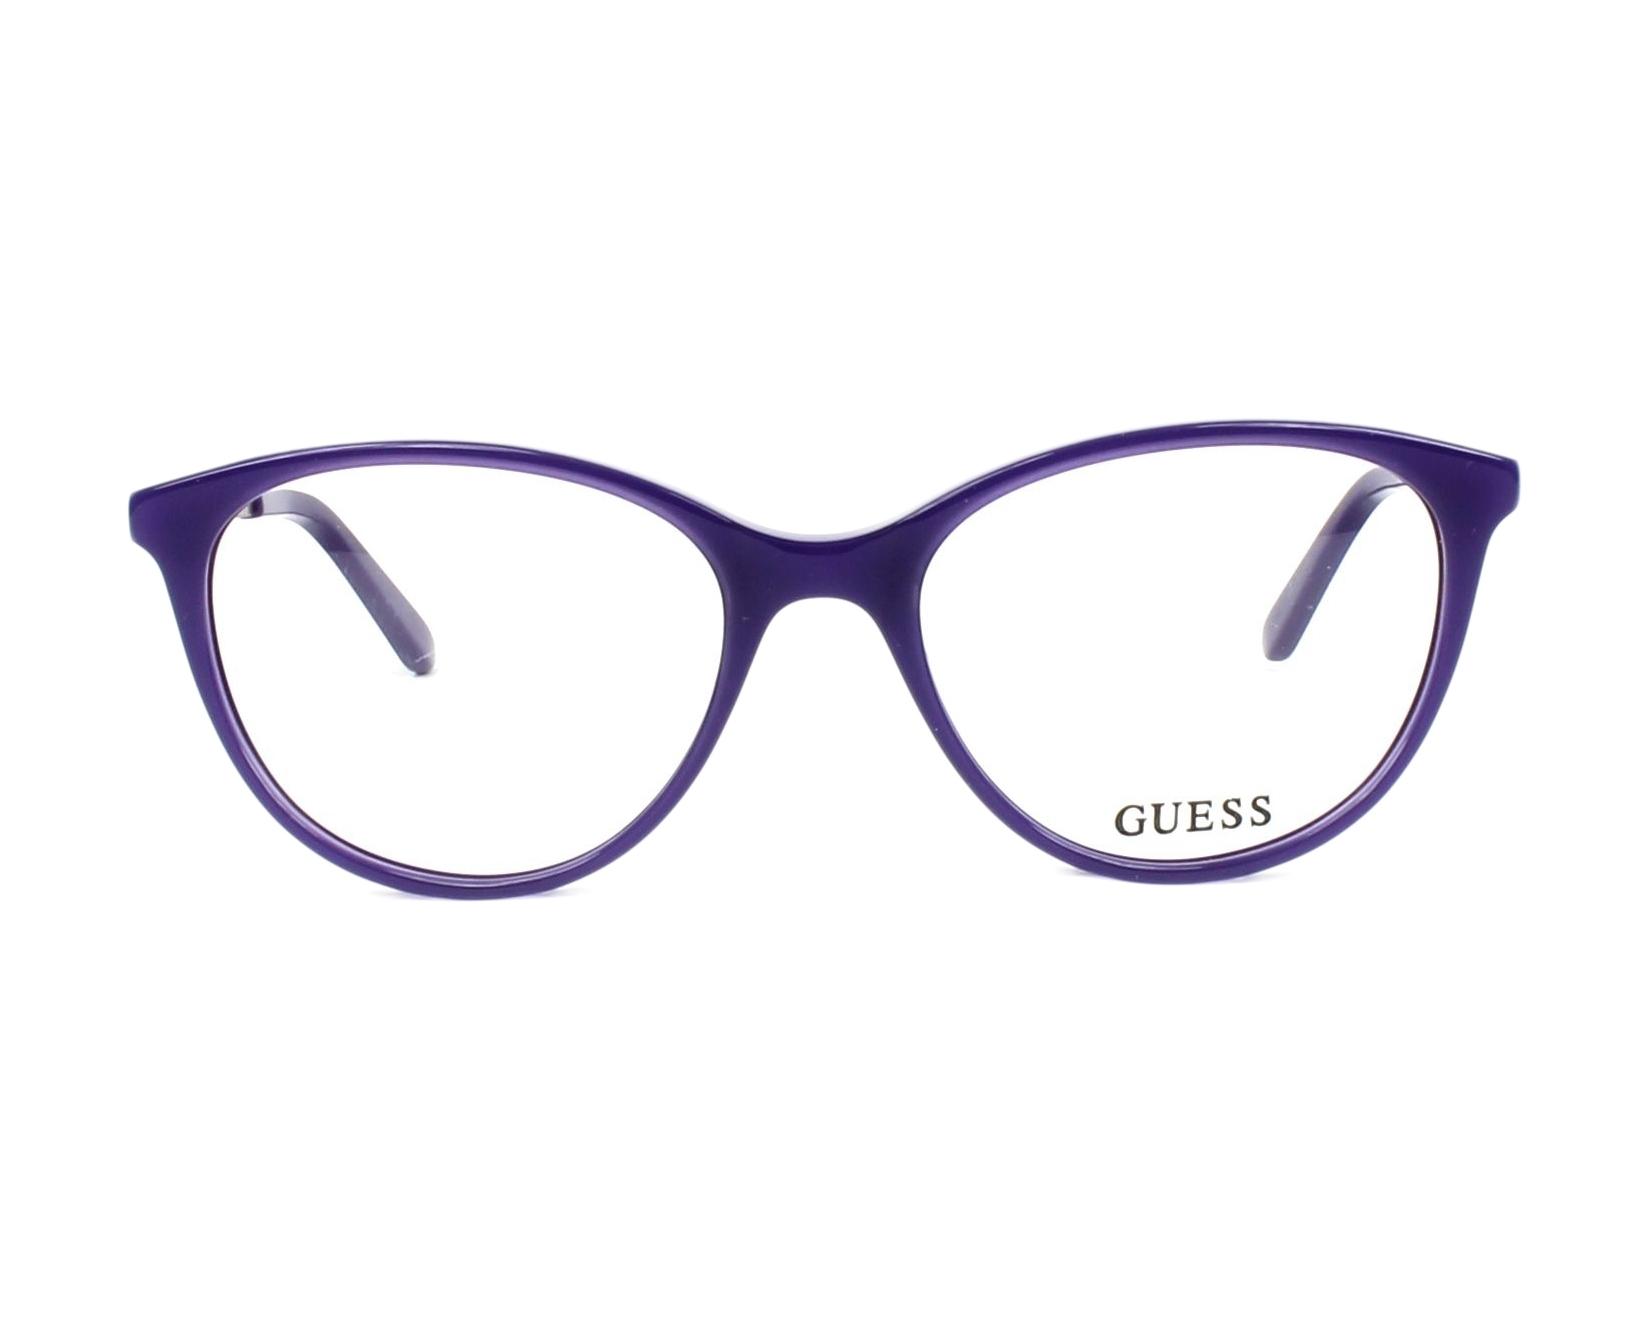 5c8c70a4d93 eyeglasses Guess GU-2565 081 52-17 Purple Copper front view